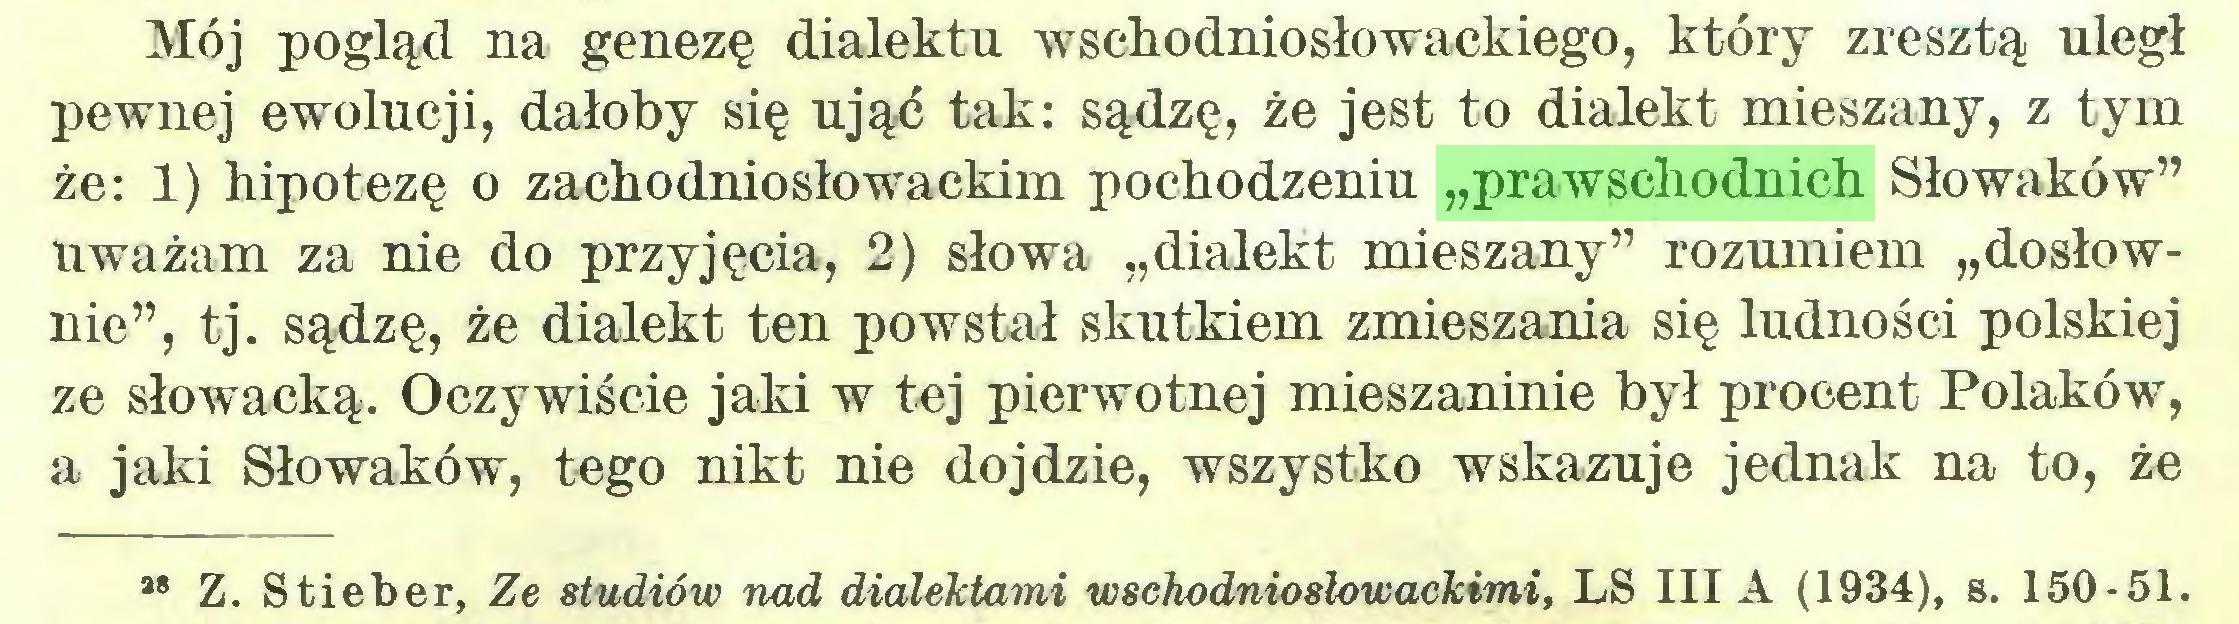 """(...) Mój pogląd na genezę dialektu wschodniosłowackiego, który zresztą uległ pewnej ewolucji, dałoby się ująć tak: sądzę, że jest to dialekt mieszany, z tym że: 1) hipotezę o zachodniosłowackim pochodzeniu """"prawschodnich Słowaków"""" uważam za nie do przyjęcia, 2) słowa """"dialekt mieszany"""" rozumiem """"dosłownie"""", tj. sądzę, że dialekt ten powstał skutkiem zmieszania się ludności polskiej ze słowacką. Oczywiście jaki w tej pierwotnej mieszaninie był procent Polaków, a jaki Słowaków, tego nikt nie dojdzie, wszystko wskazuje jednak na to, że *8 Z. Stieber, Ze studiów nad dialektami wschodniosłowackimi, LS III A (1934), s. 150-51..."""